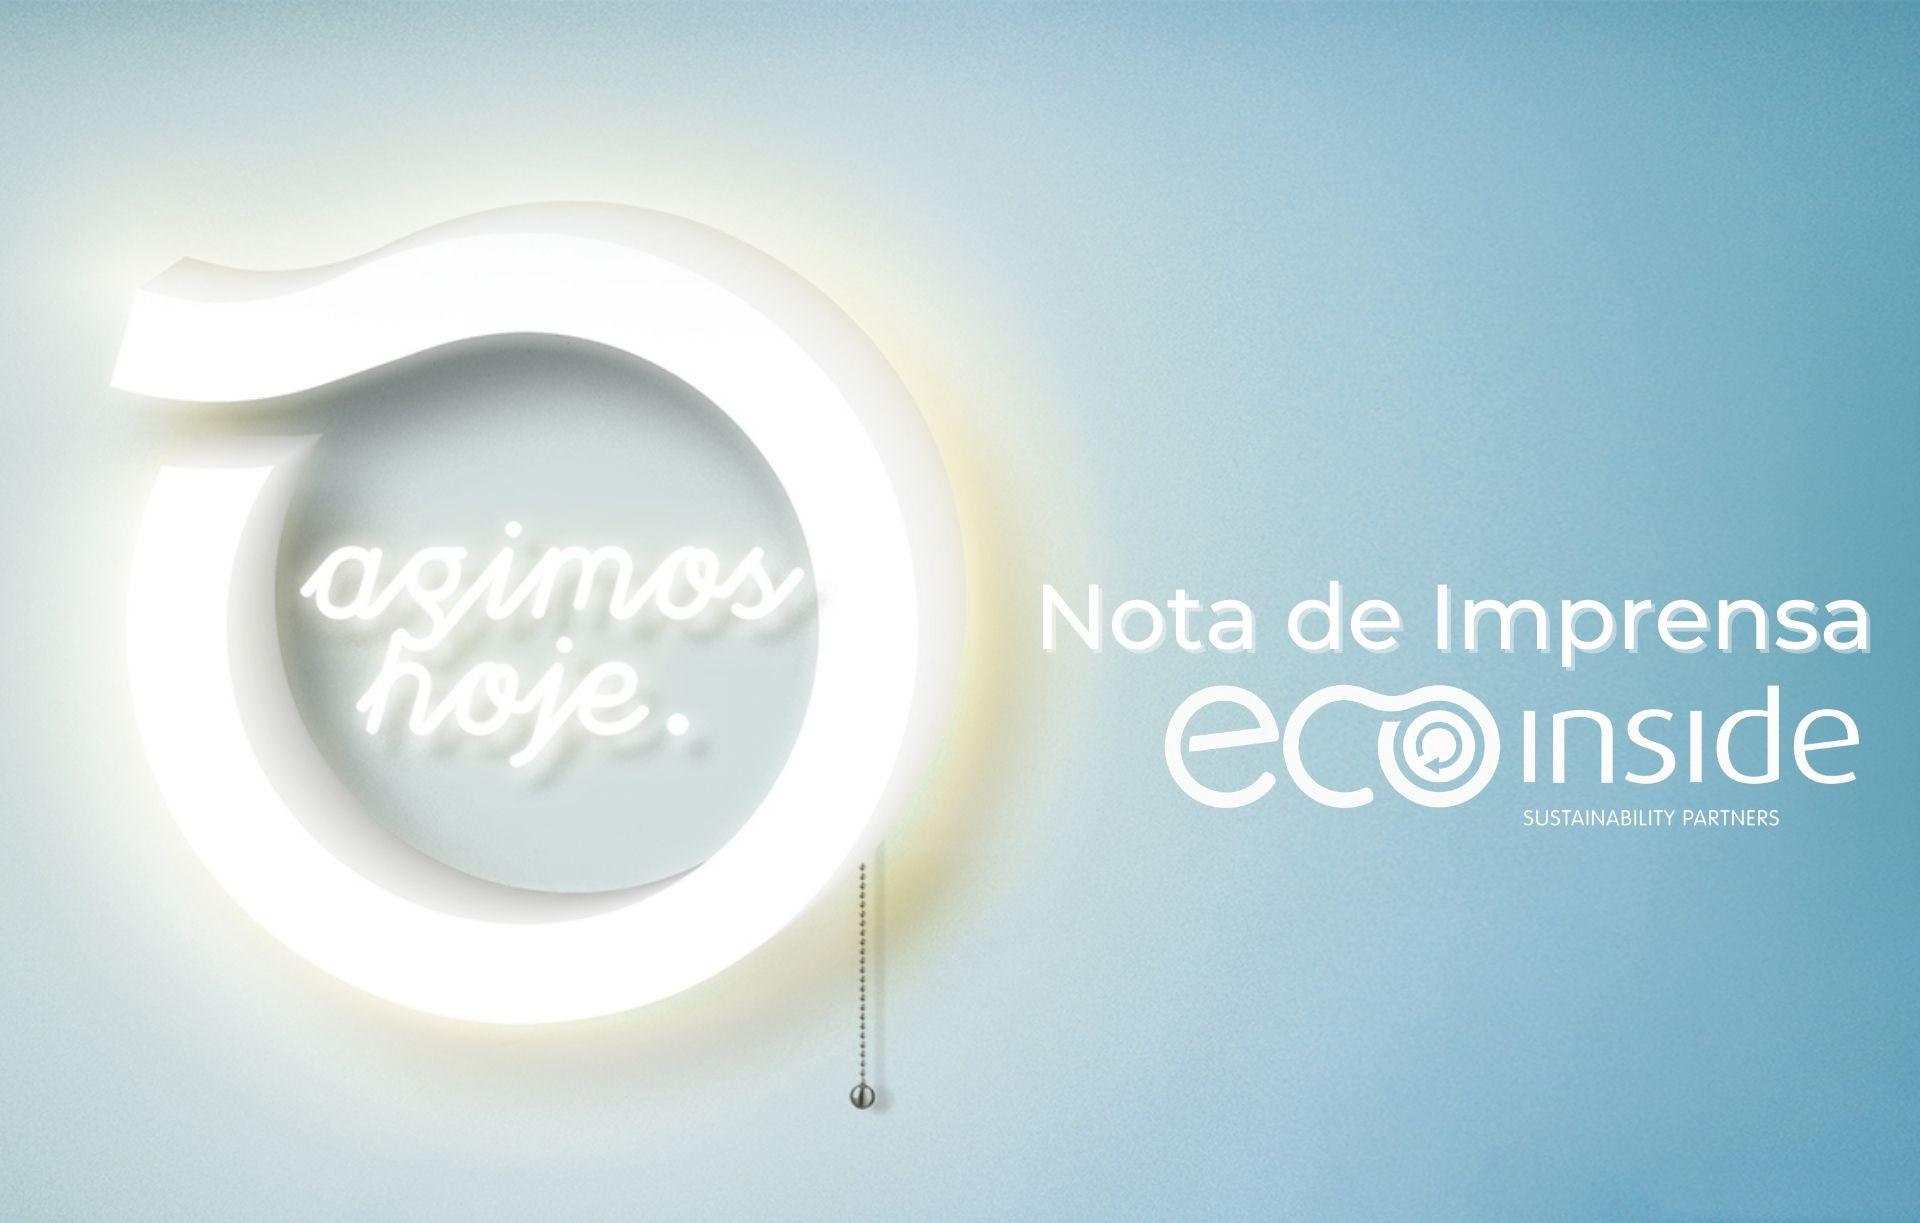 ECOINSIDE estreia método inovador de instalação de central fotovoltaica em histórica fábrica de refrigerantes UPREL